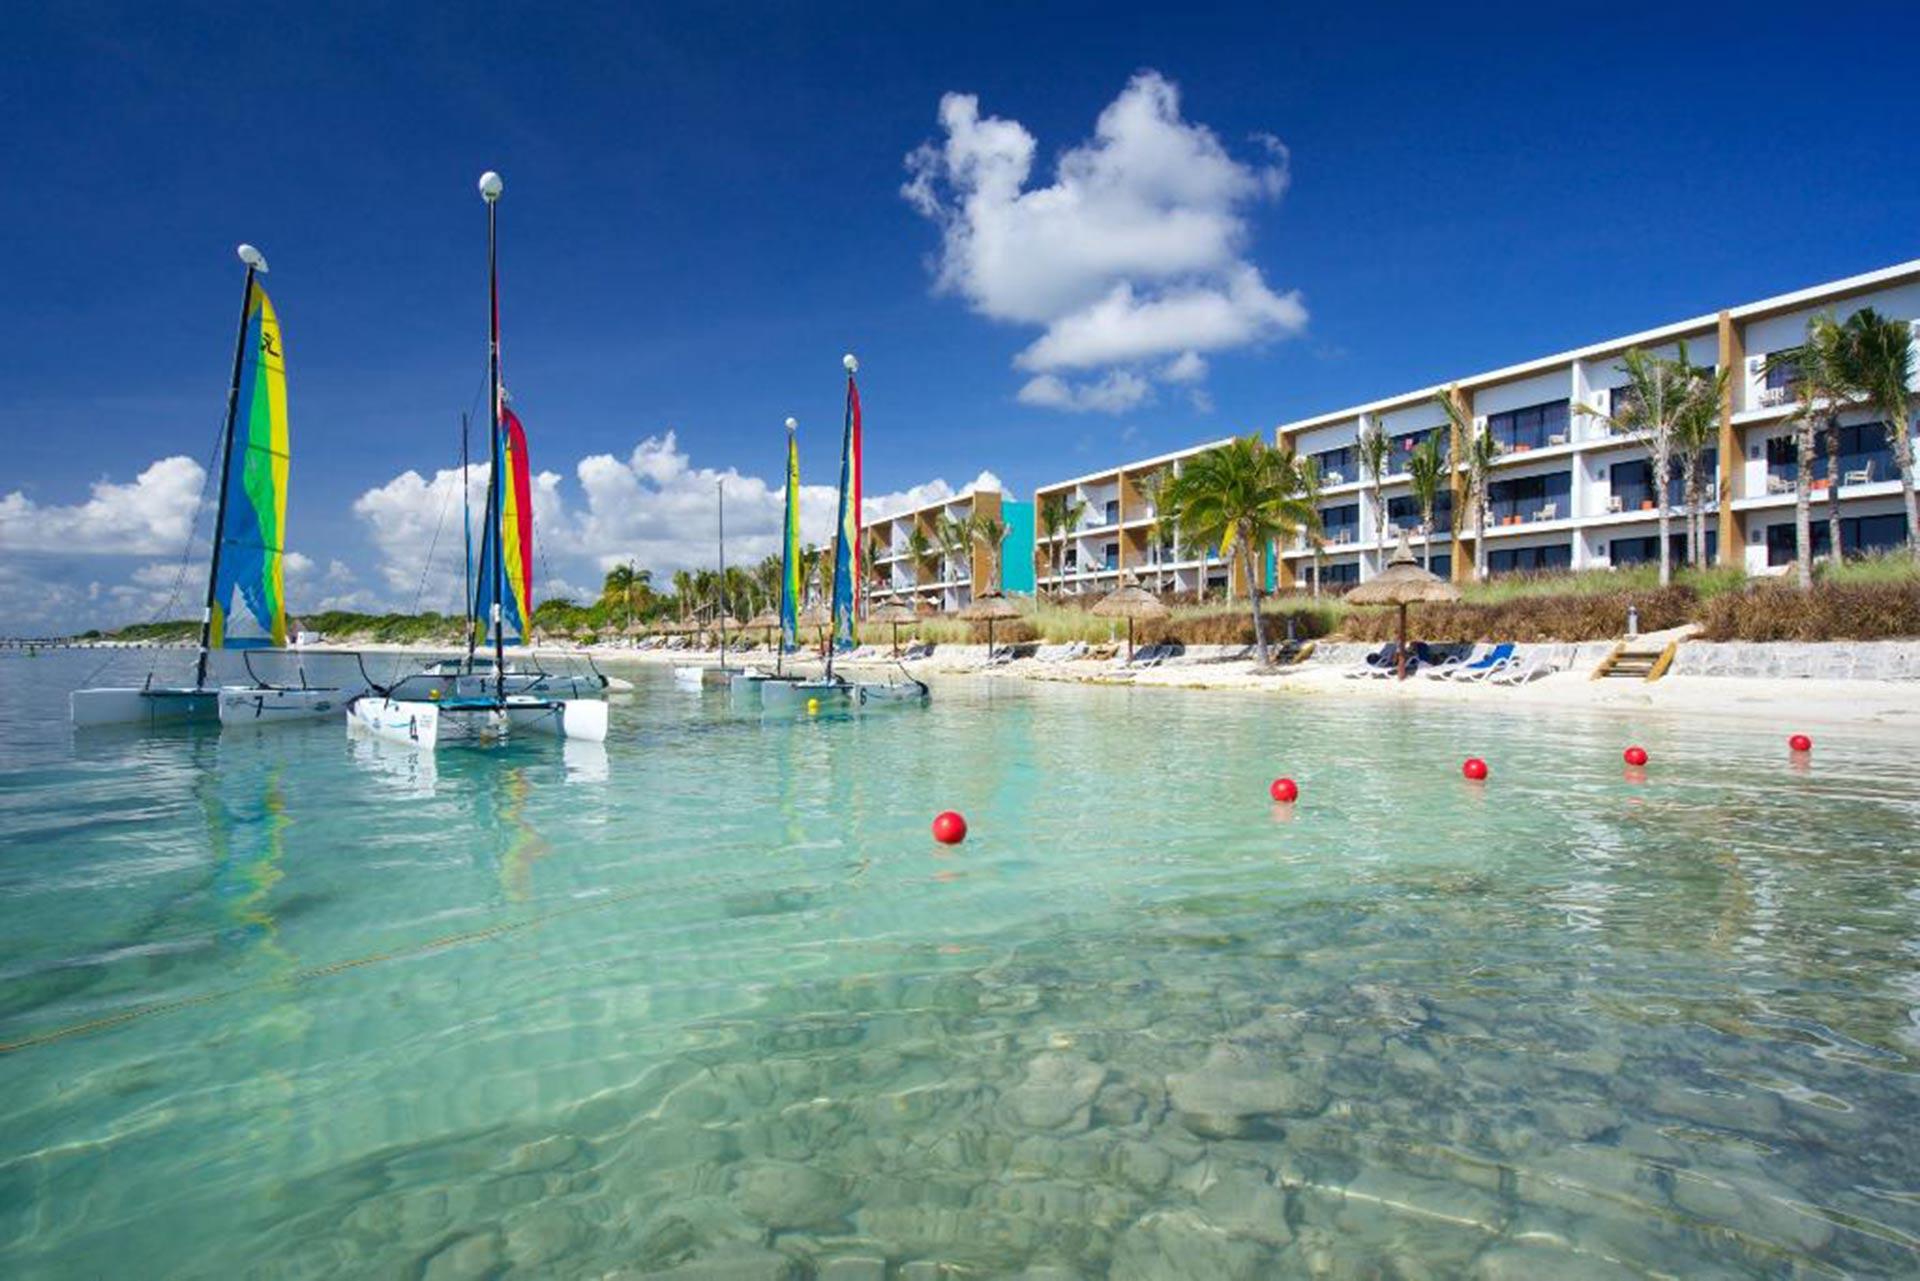 Club Med Cancun Yucatan - Cancun, MX - All Inclusive Resort